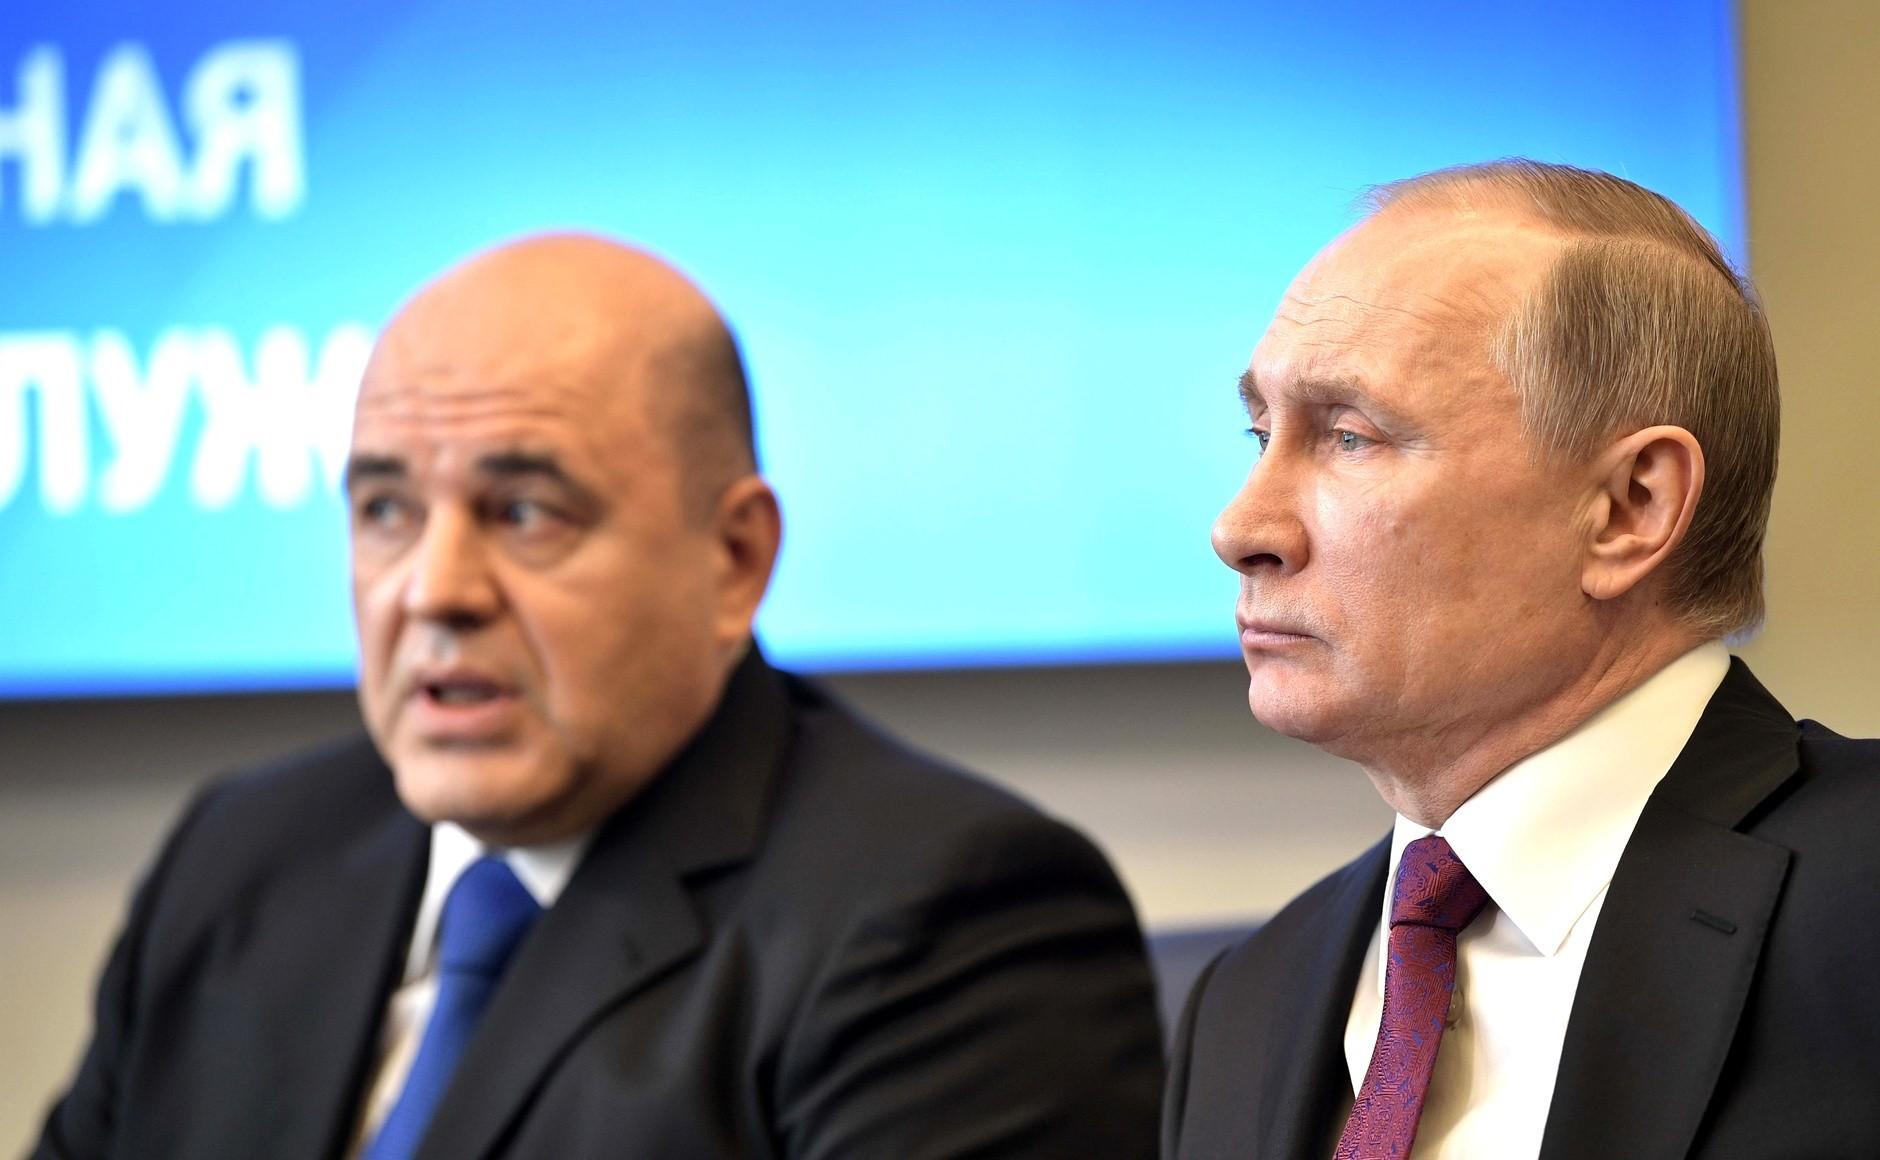 唐驳虎:普京为何突然重写俄罗斯权力版图?